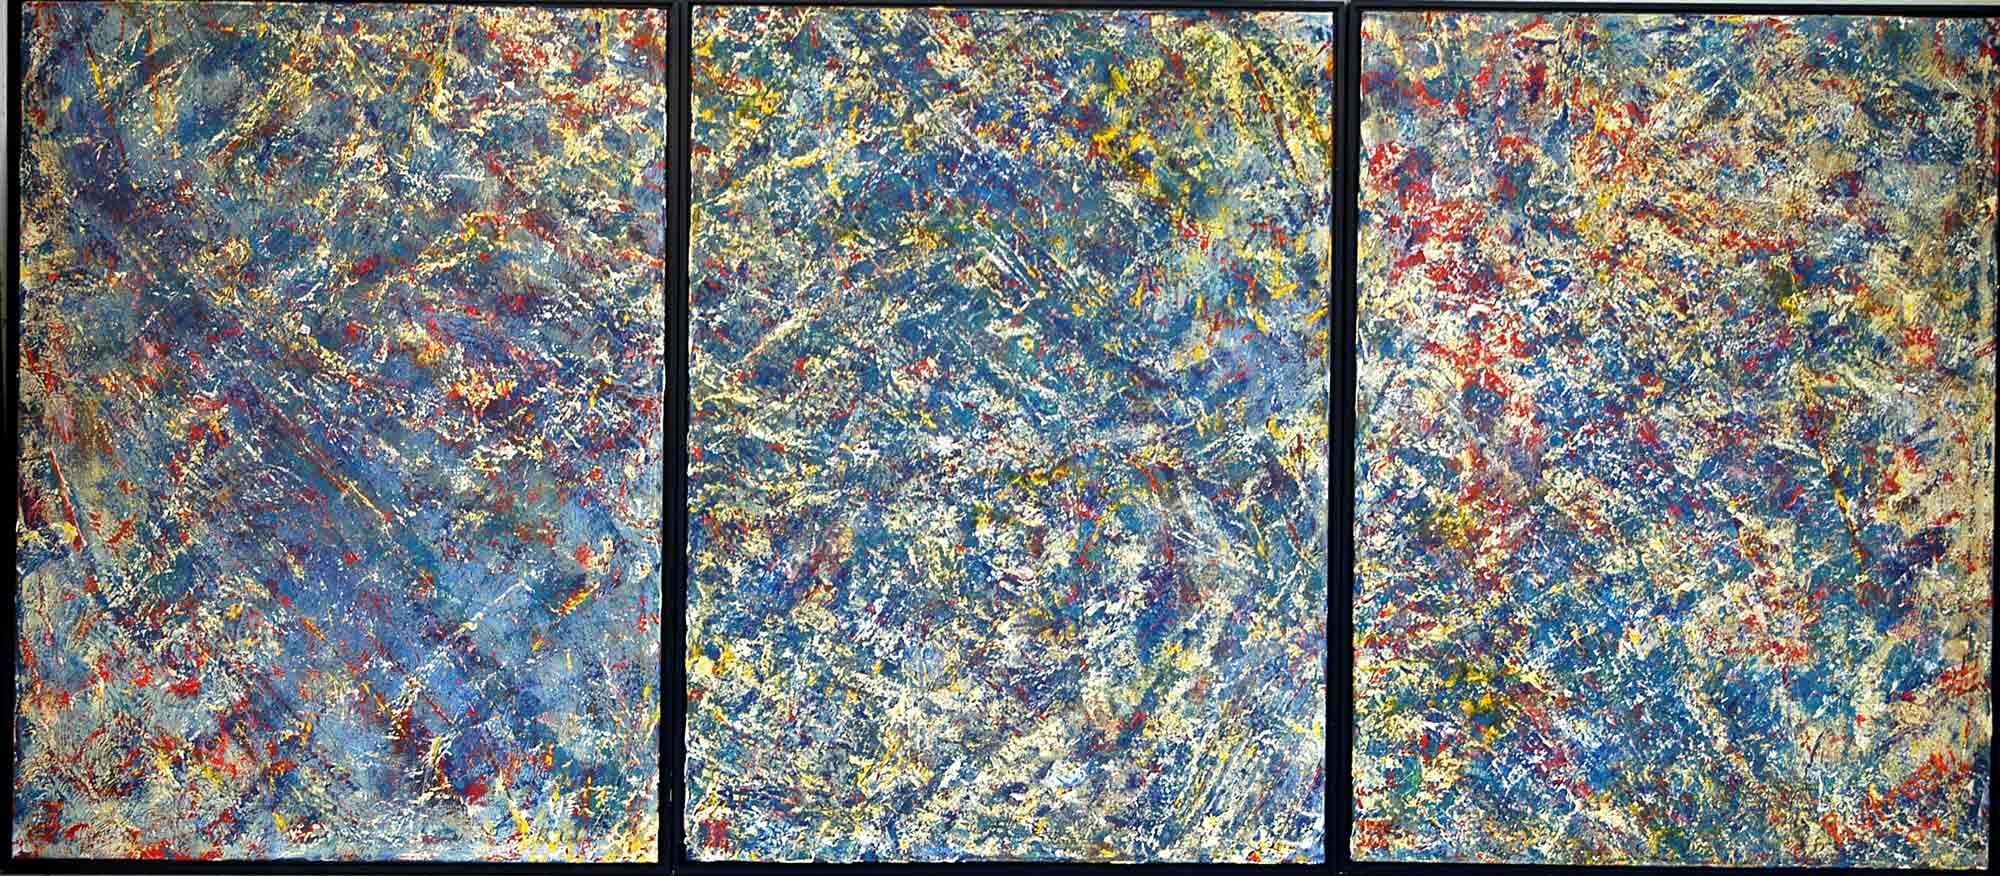 Untitled-Triptych-Stan-Piotroski